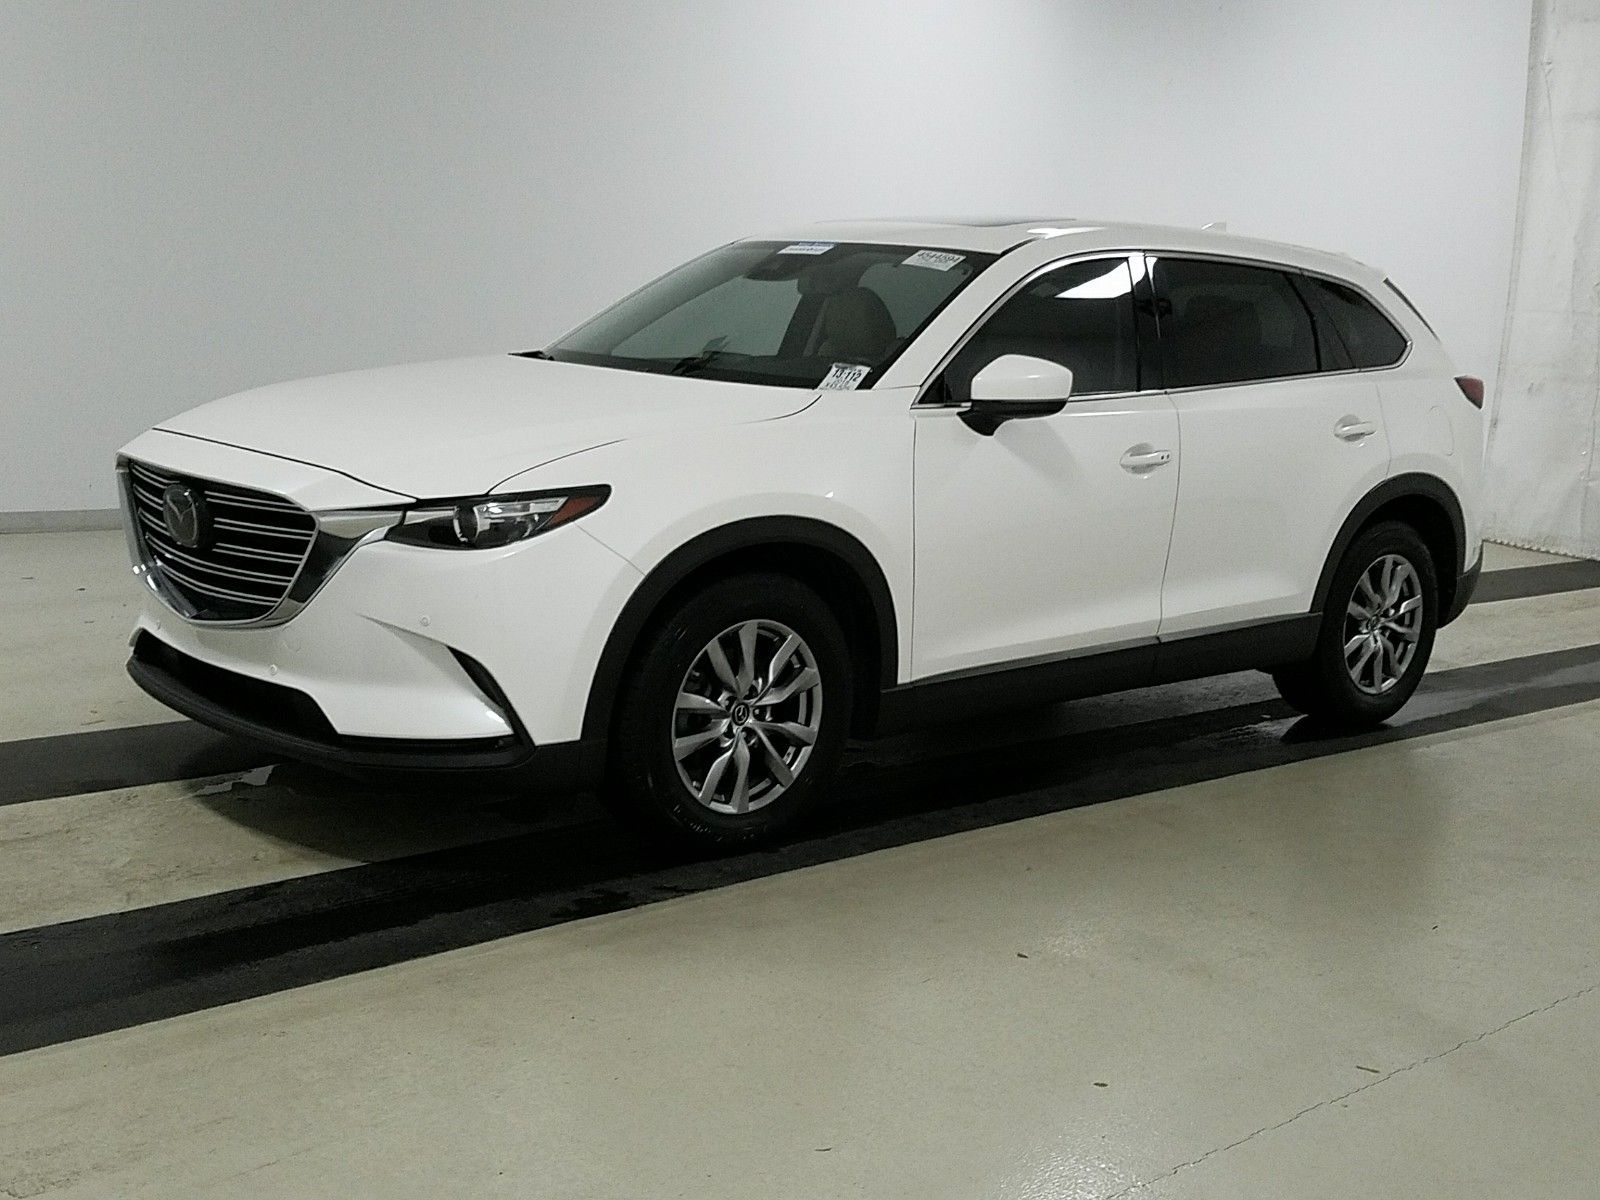 2018 Mazda Cx-9 2.5. Lot 99915992072 Vin JM3TCACY9J0211671